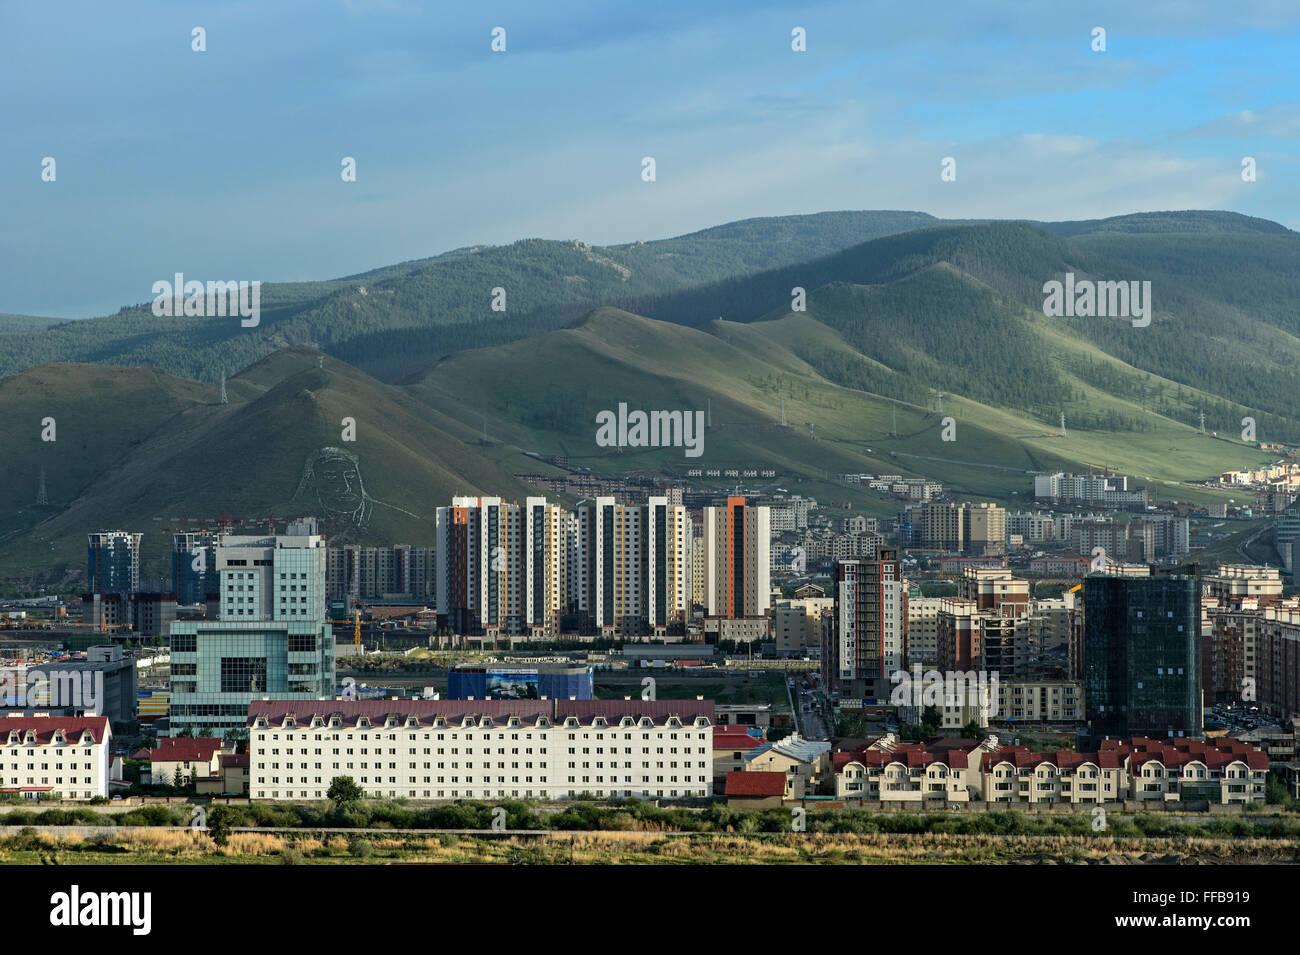 Vue sur le quartier résidentiel moderne, derrière la montagne Bogd Khan avec portrait de Gengis Khan, Photo Stock